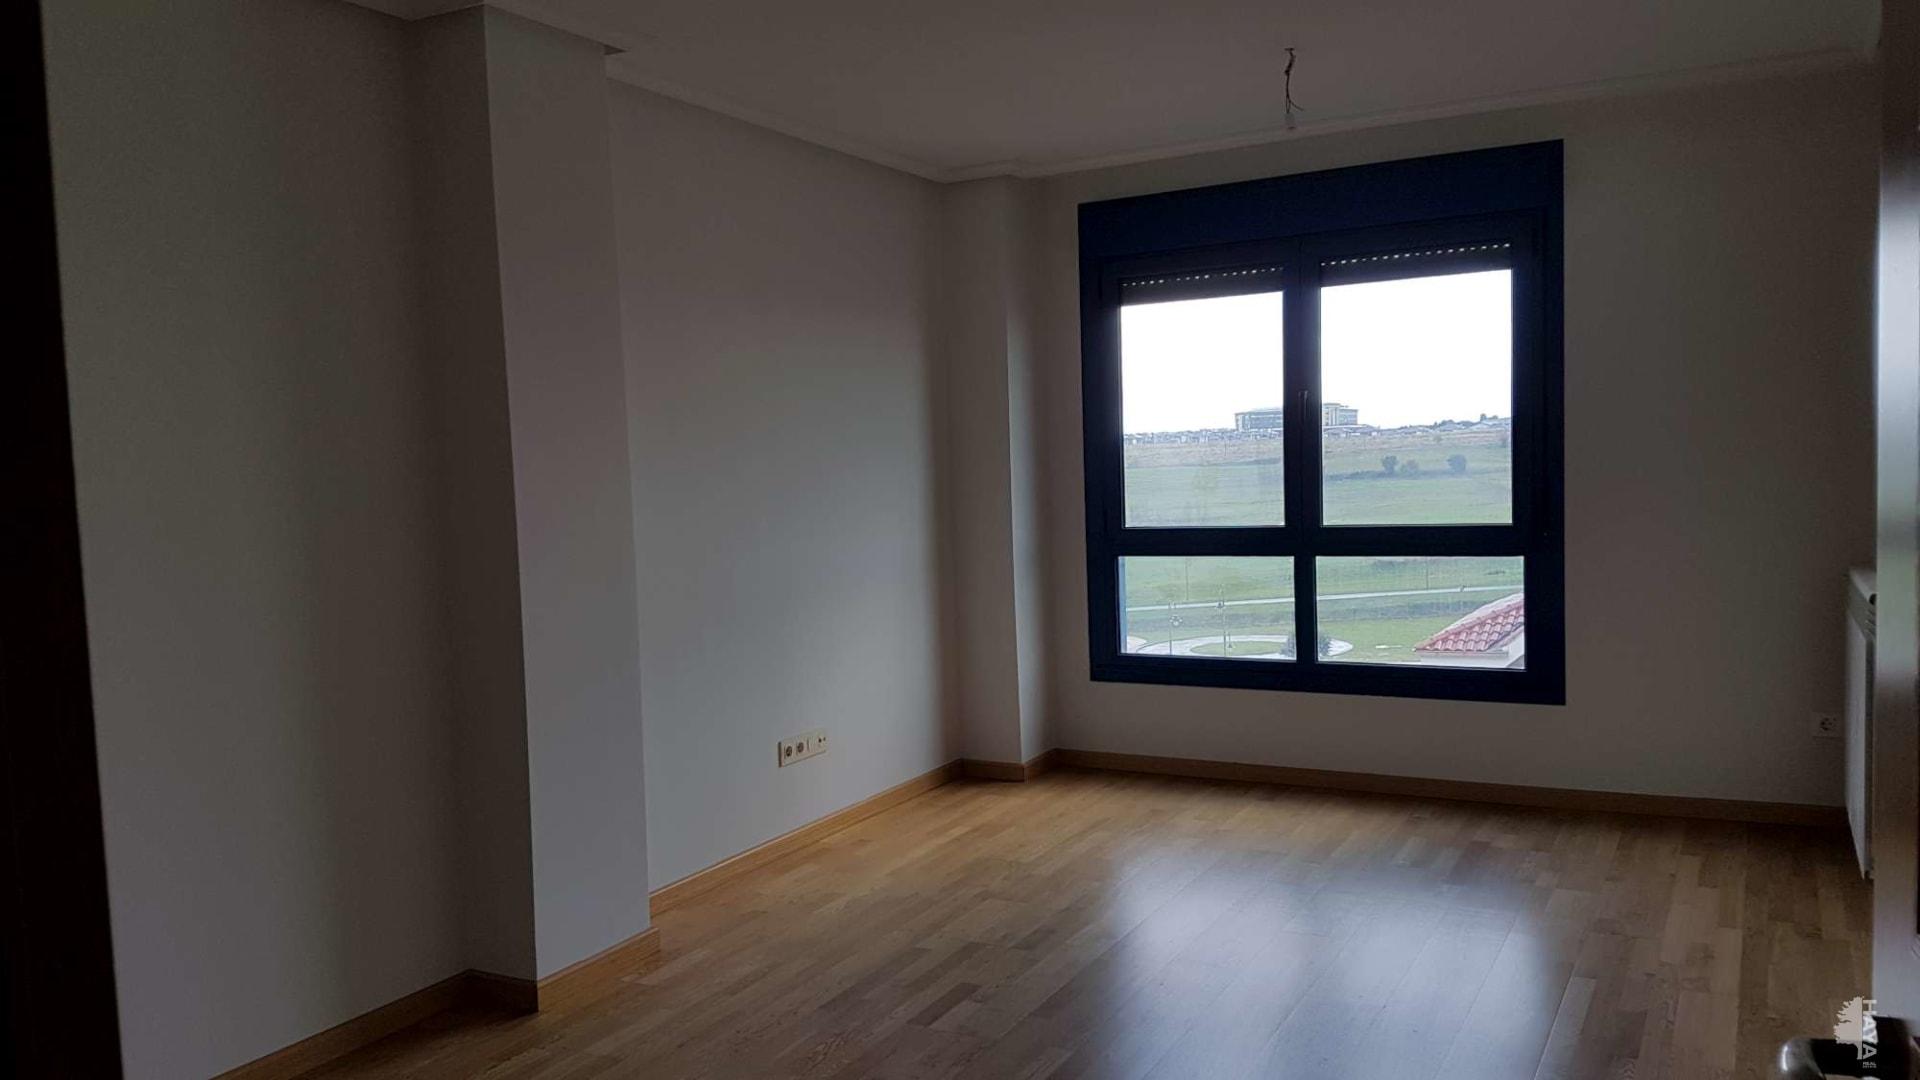 Piso en venta en Favila, Corvera de Asturias, Asturias, Calle Manzano Del, 87.000 €, 2 habitaciones, 1 baño, 76 m2